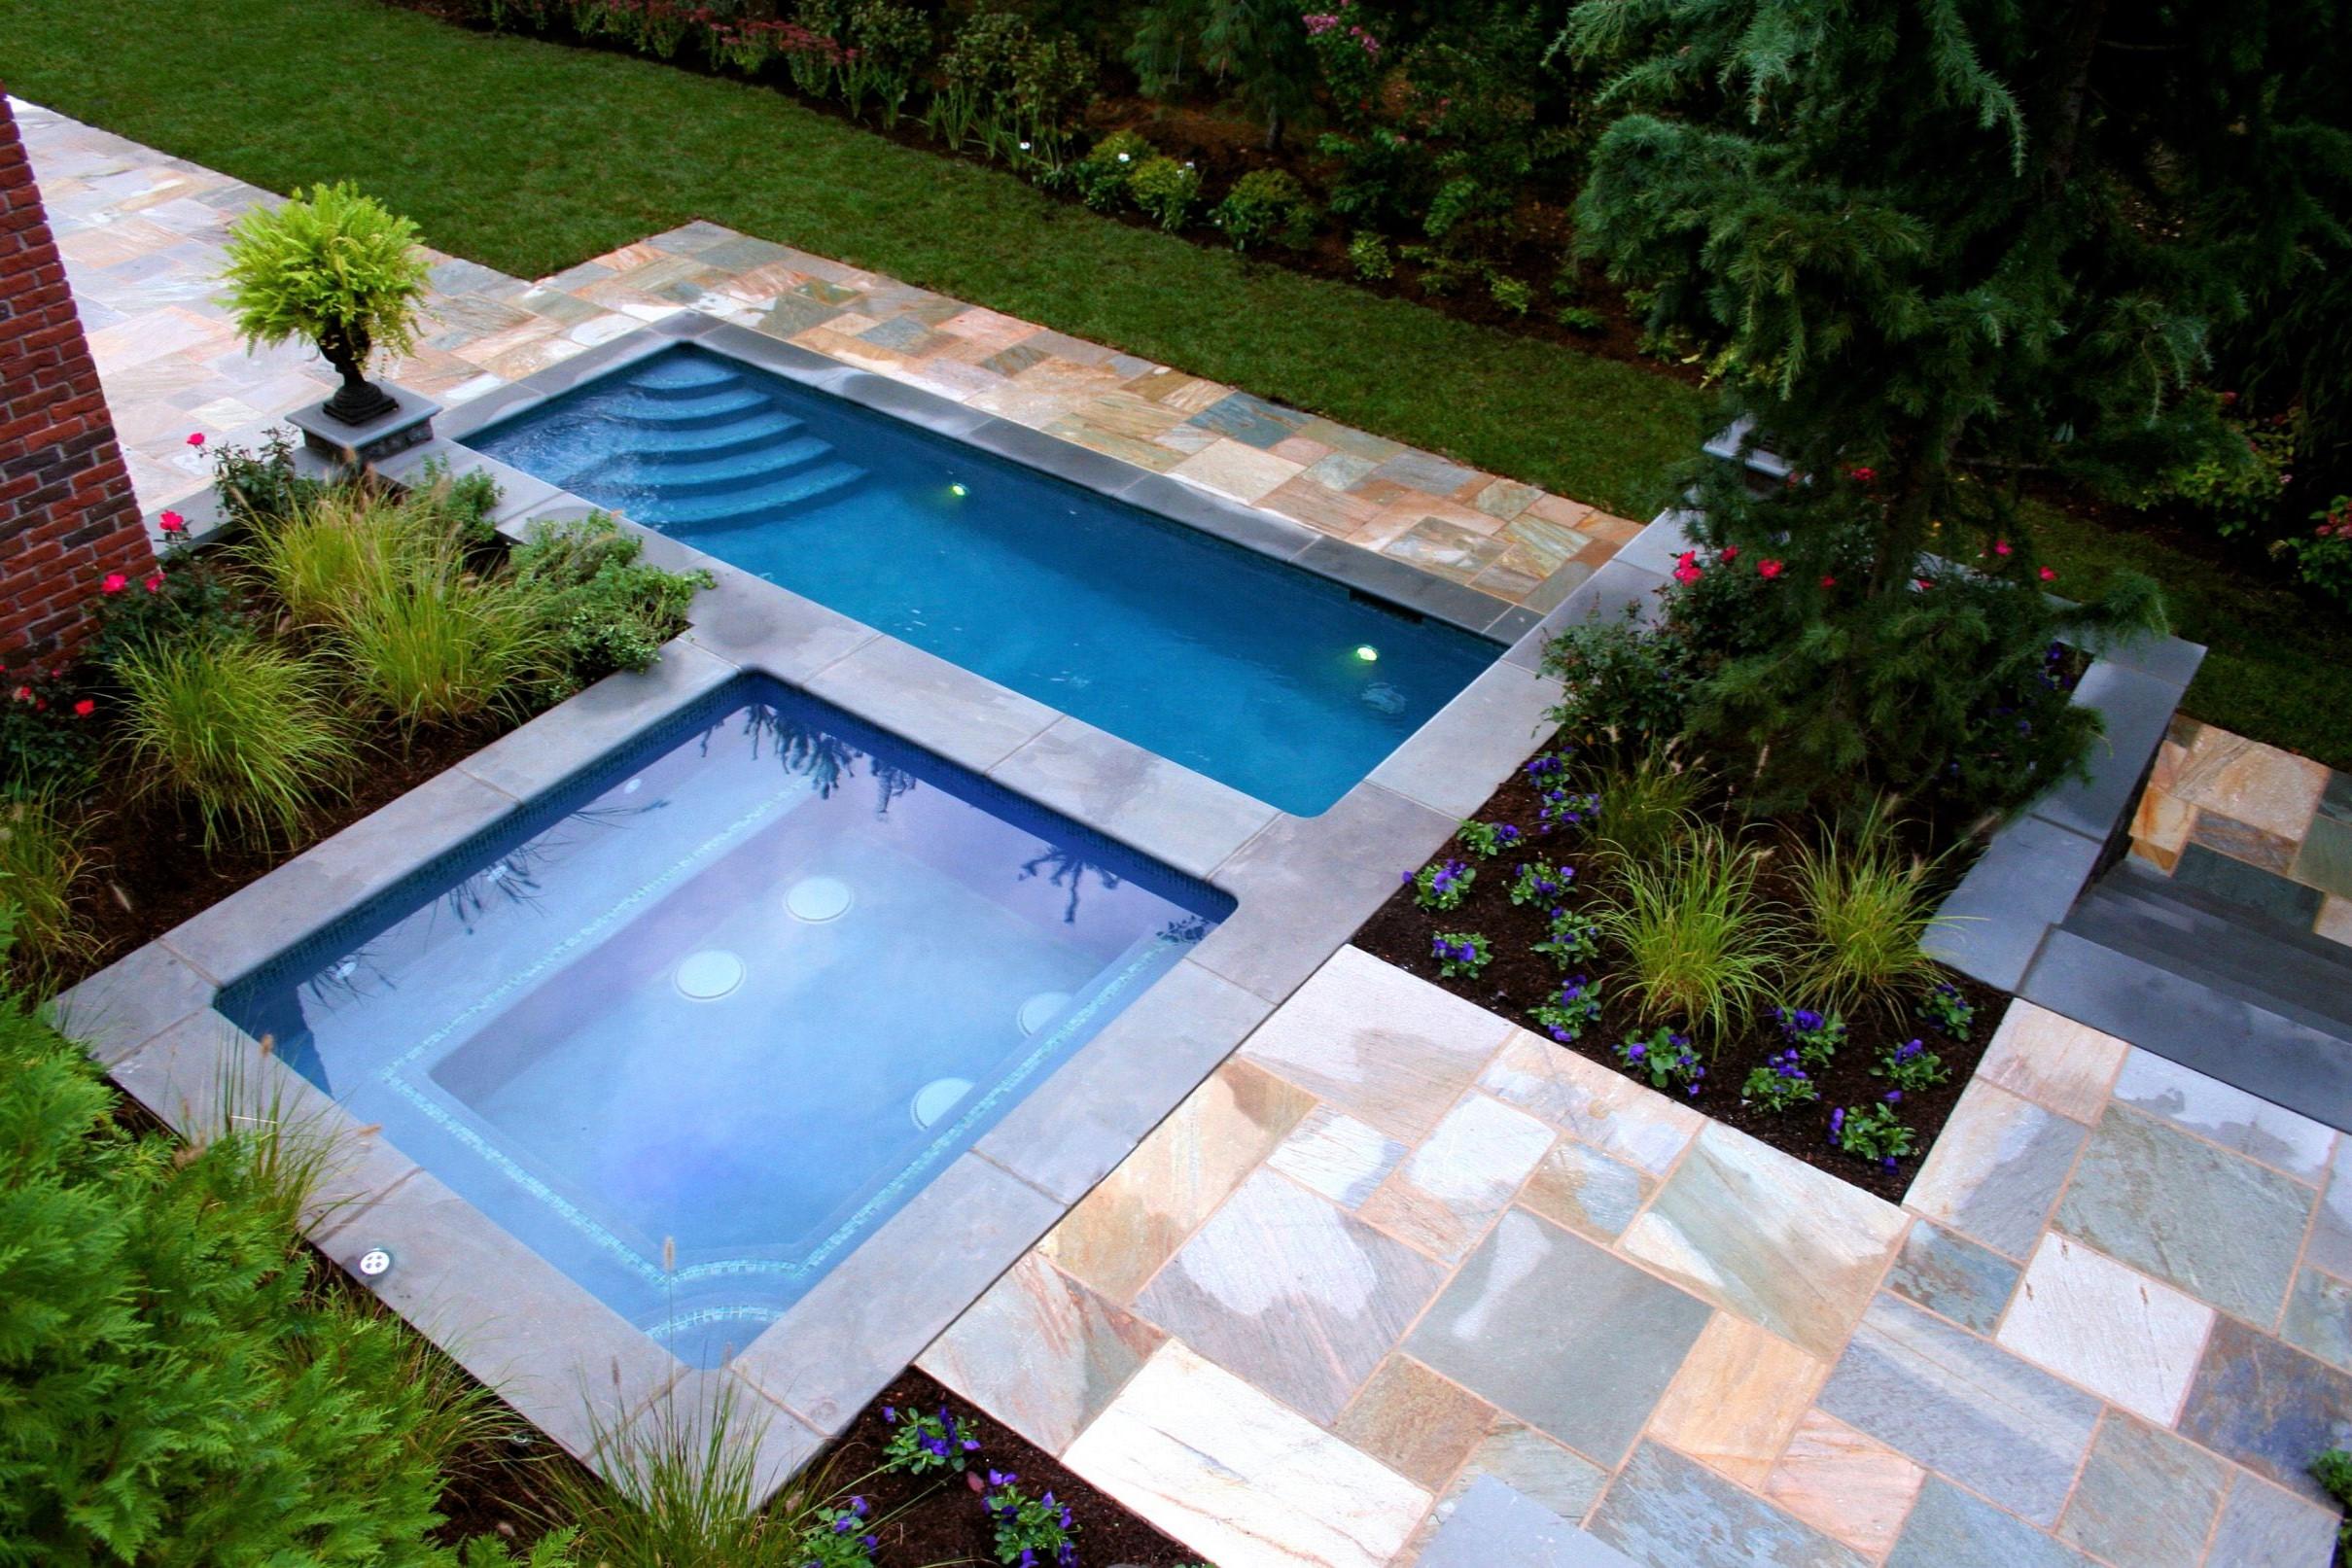 Une piscine est un ajout si important pour votre cour et certains aspects de votre jardin vont déterminer le type de piscine que vous pouvez installer.